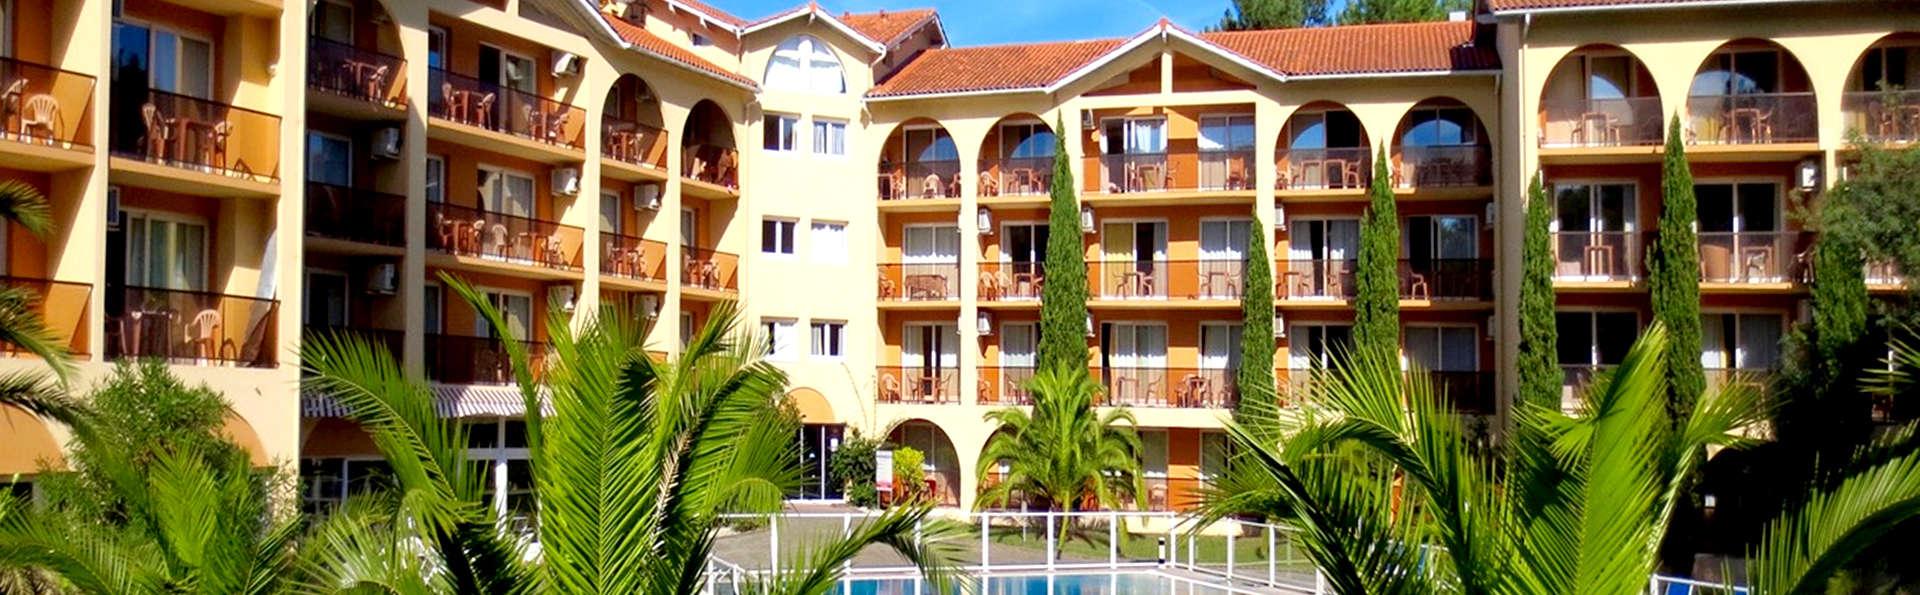 Week-end détente en appartement à côté de Biarritz